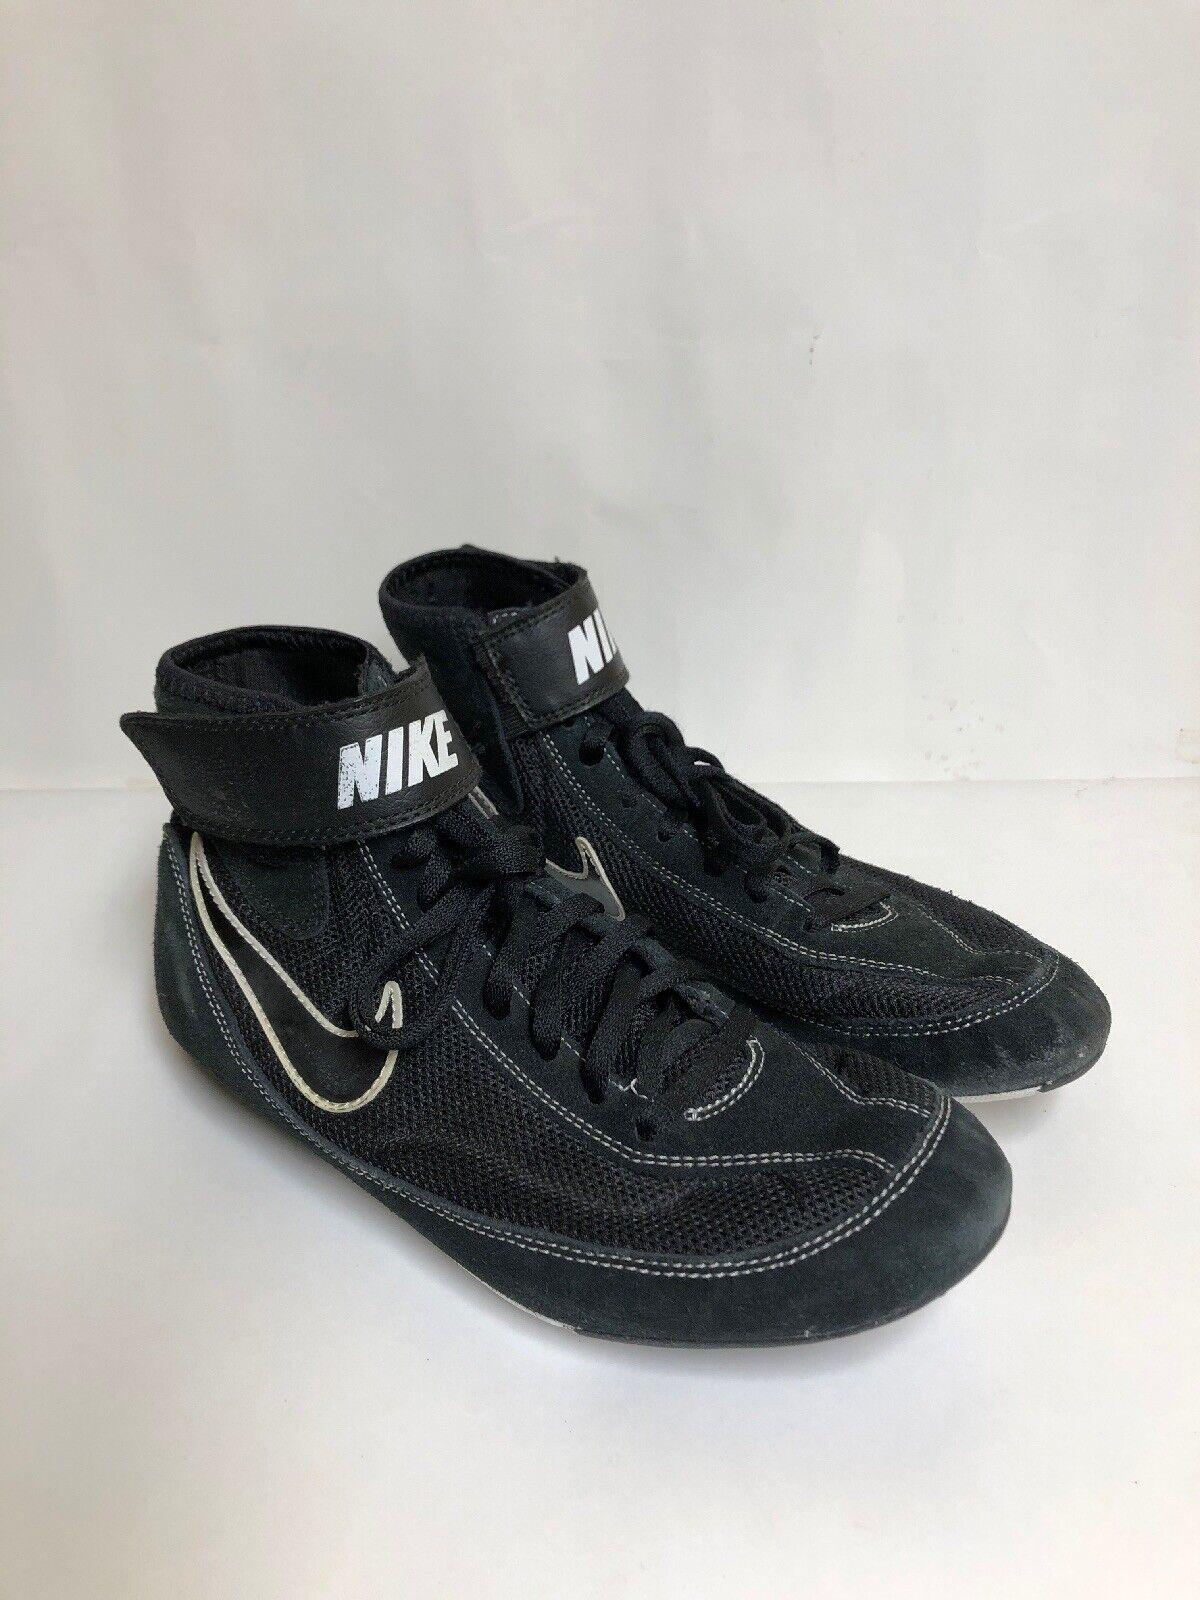 nike speed - vii bianco nero wrestling scarpe scarpe scarpe 366683-001 uomo numero 8 | benevento  | Una Grande Varietà Di Merci  | Scolaro/Signora Scarpa  | Gentiluomo/Signora Scarpa  | Sig/Sig Ra Scarpa  117114